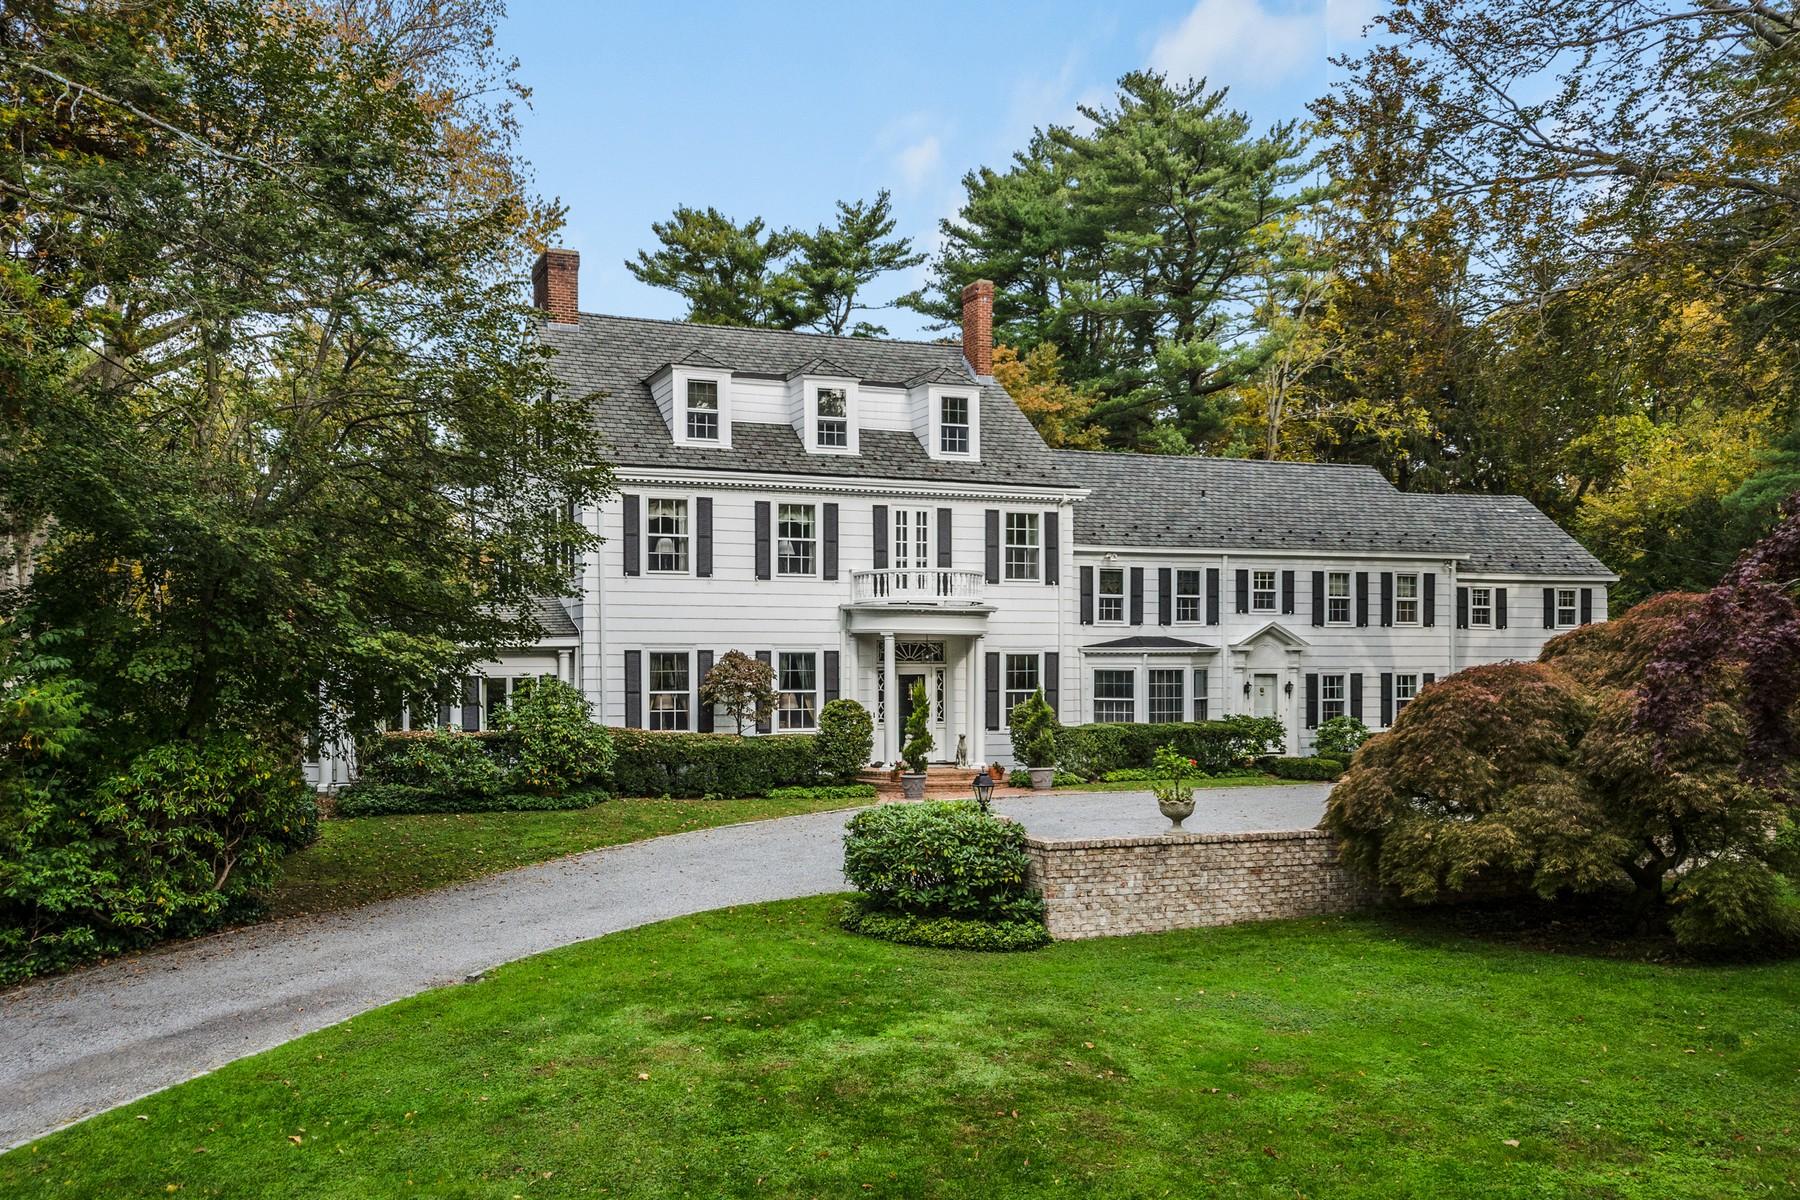 独户住宅 为 销售 在 Estate 555 Remsens Ln 布鲁克维尔, 纽约州, 11771 美国